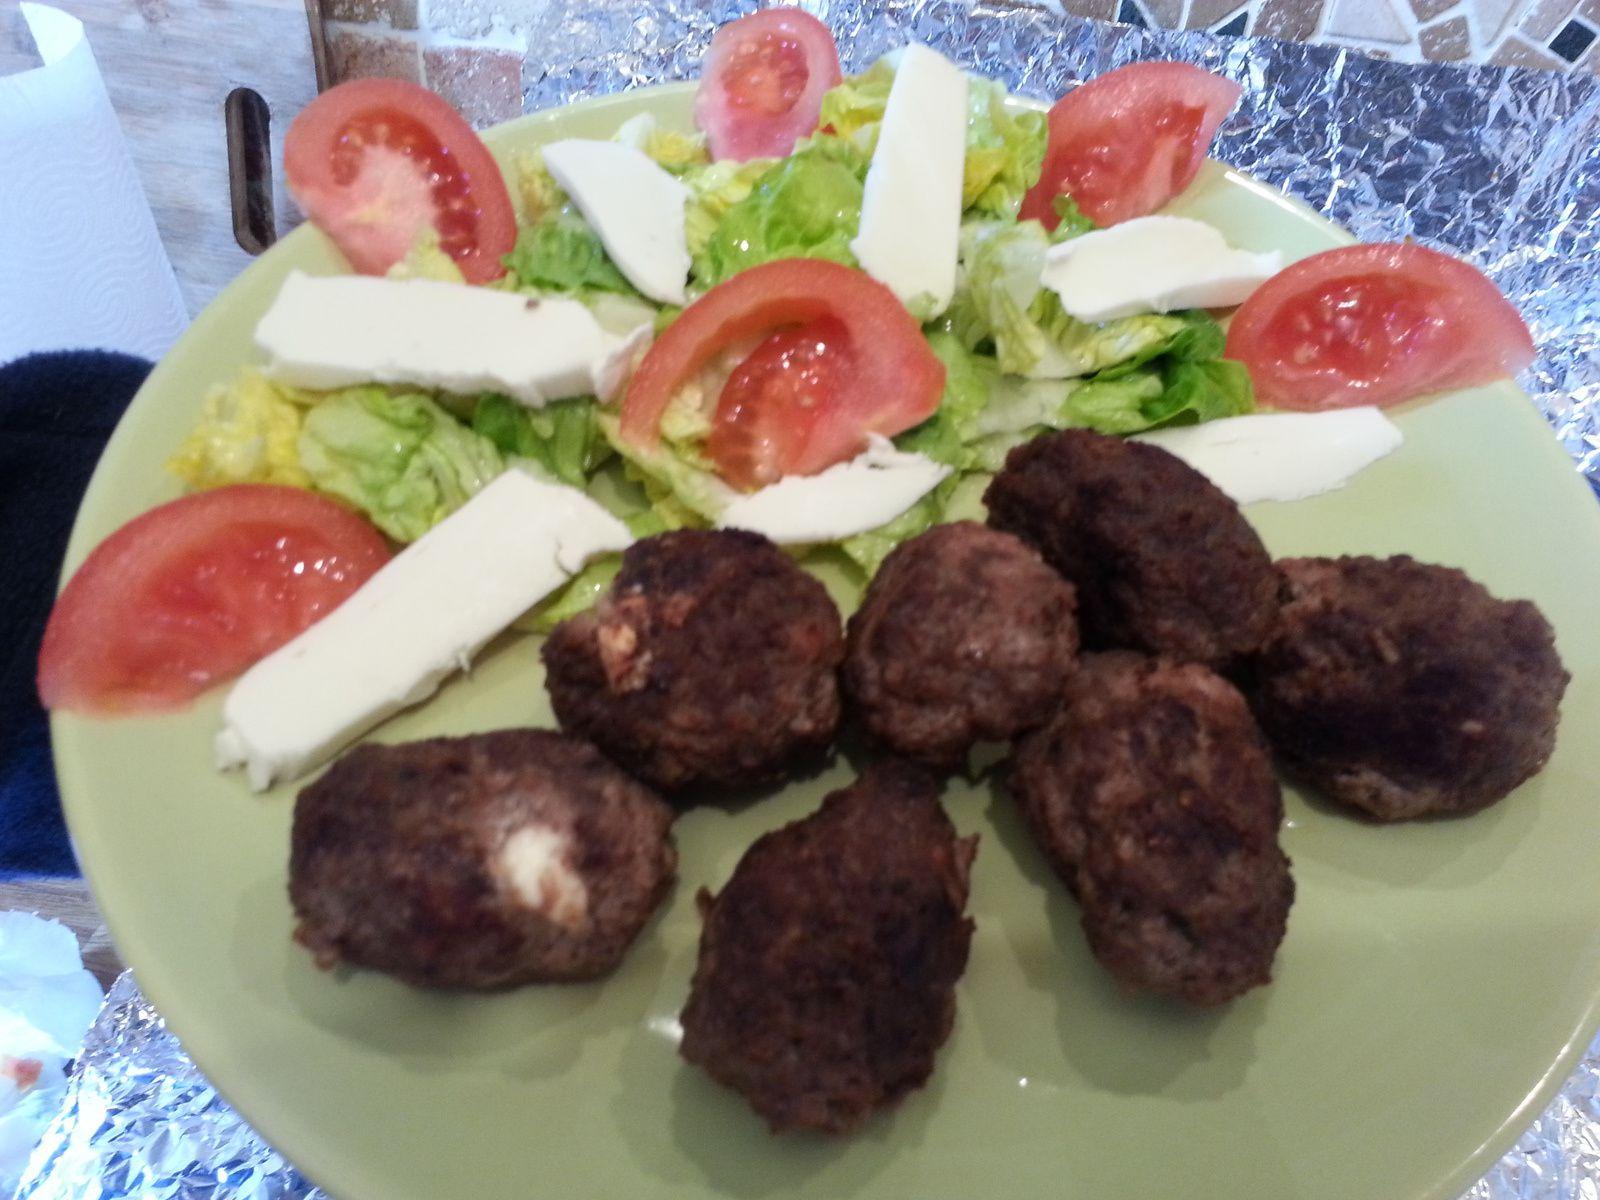 les boulettes libanaise